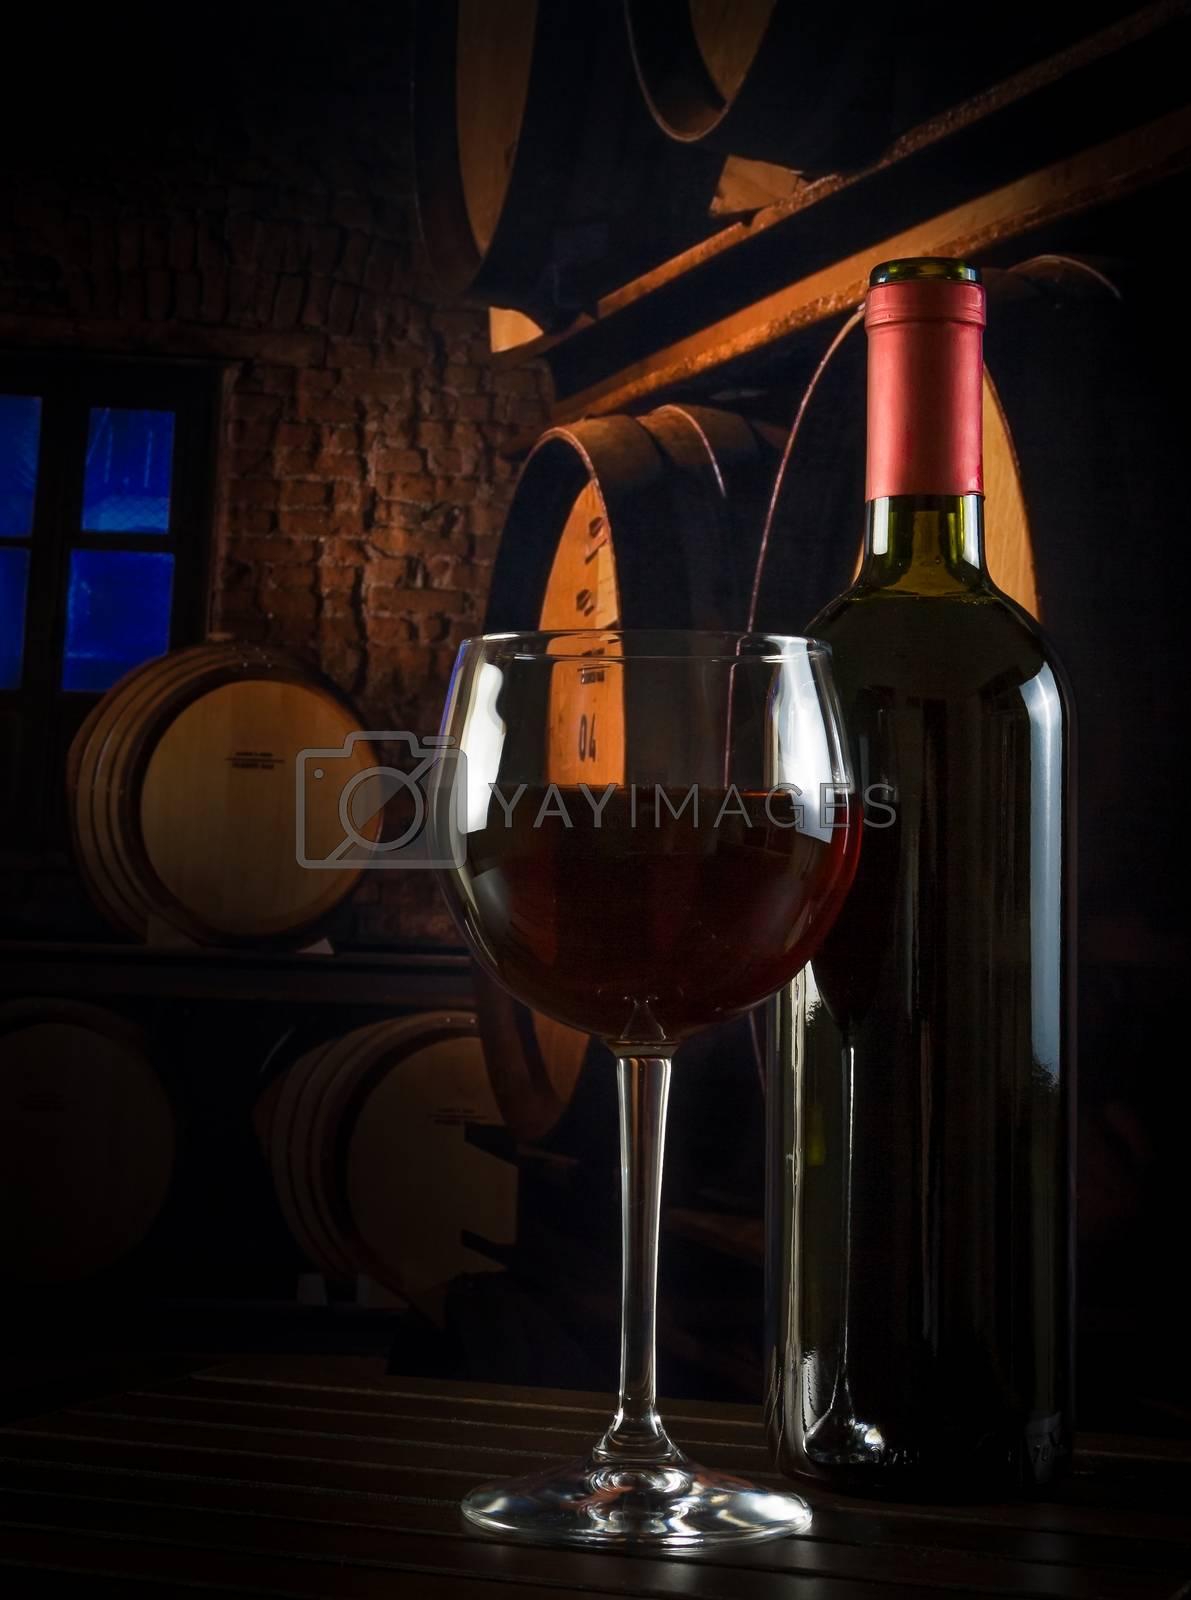 wine glass near bottle in old wine cellar by donfiore